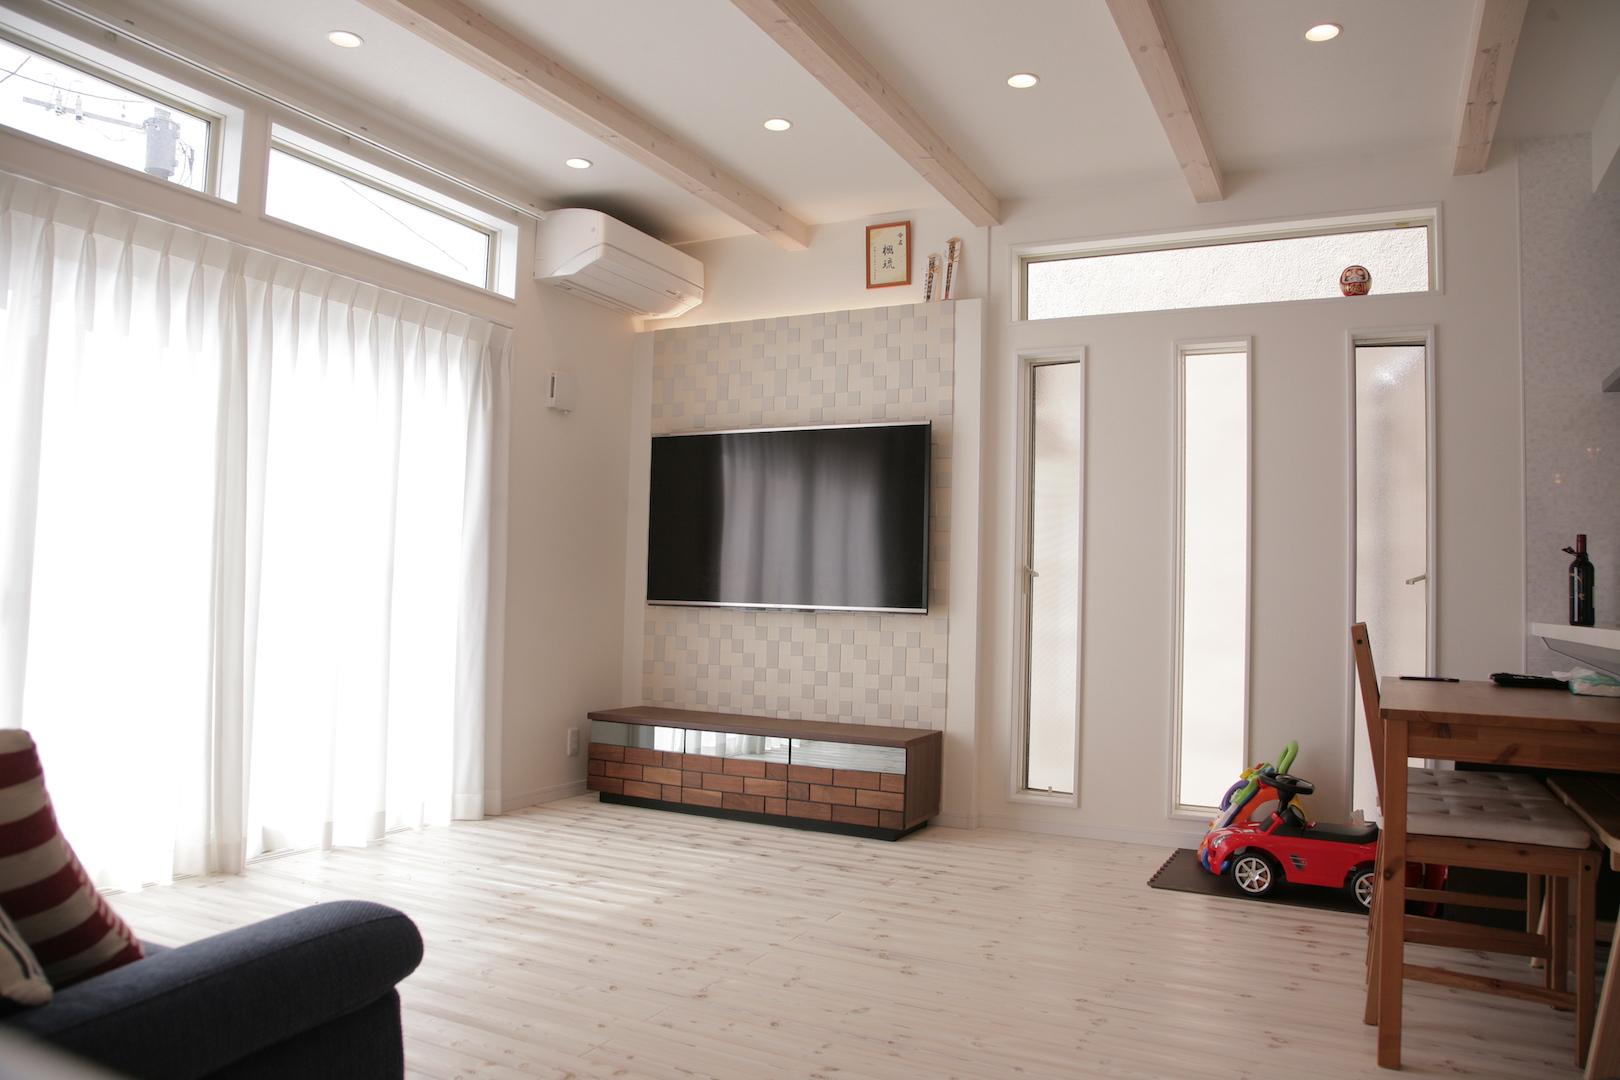 省燃費住宅 大洋工務店【デザイン住宅、子育て、自然素材】リビングは天井を高くし、表し梁をアクセントに広い空間演出を